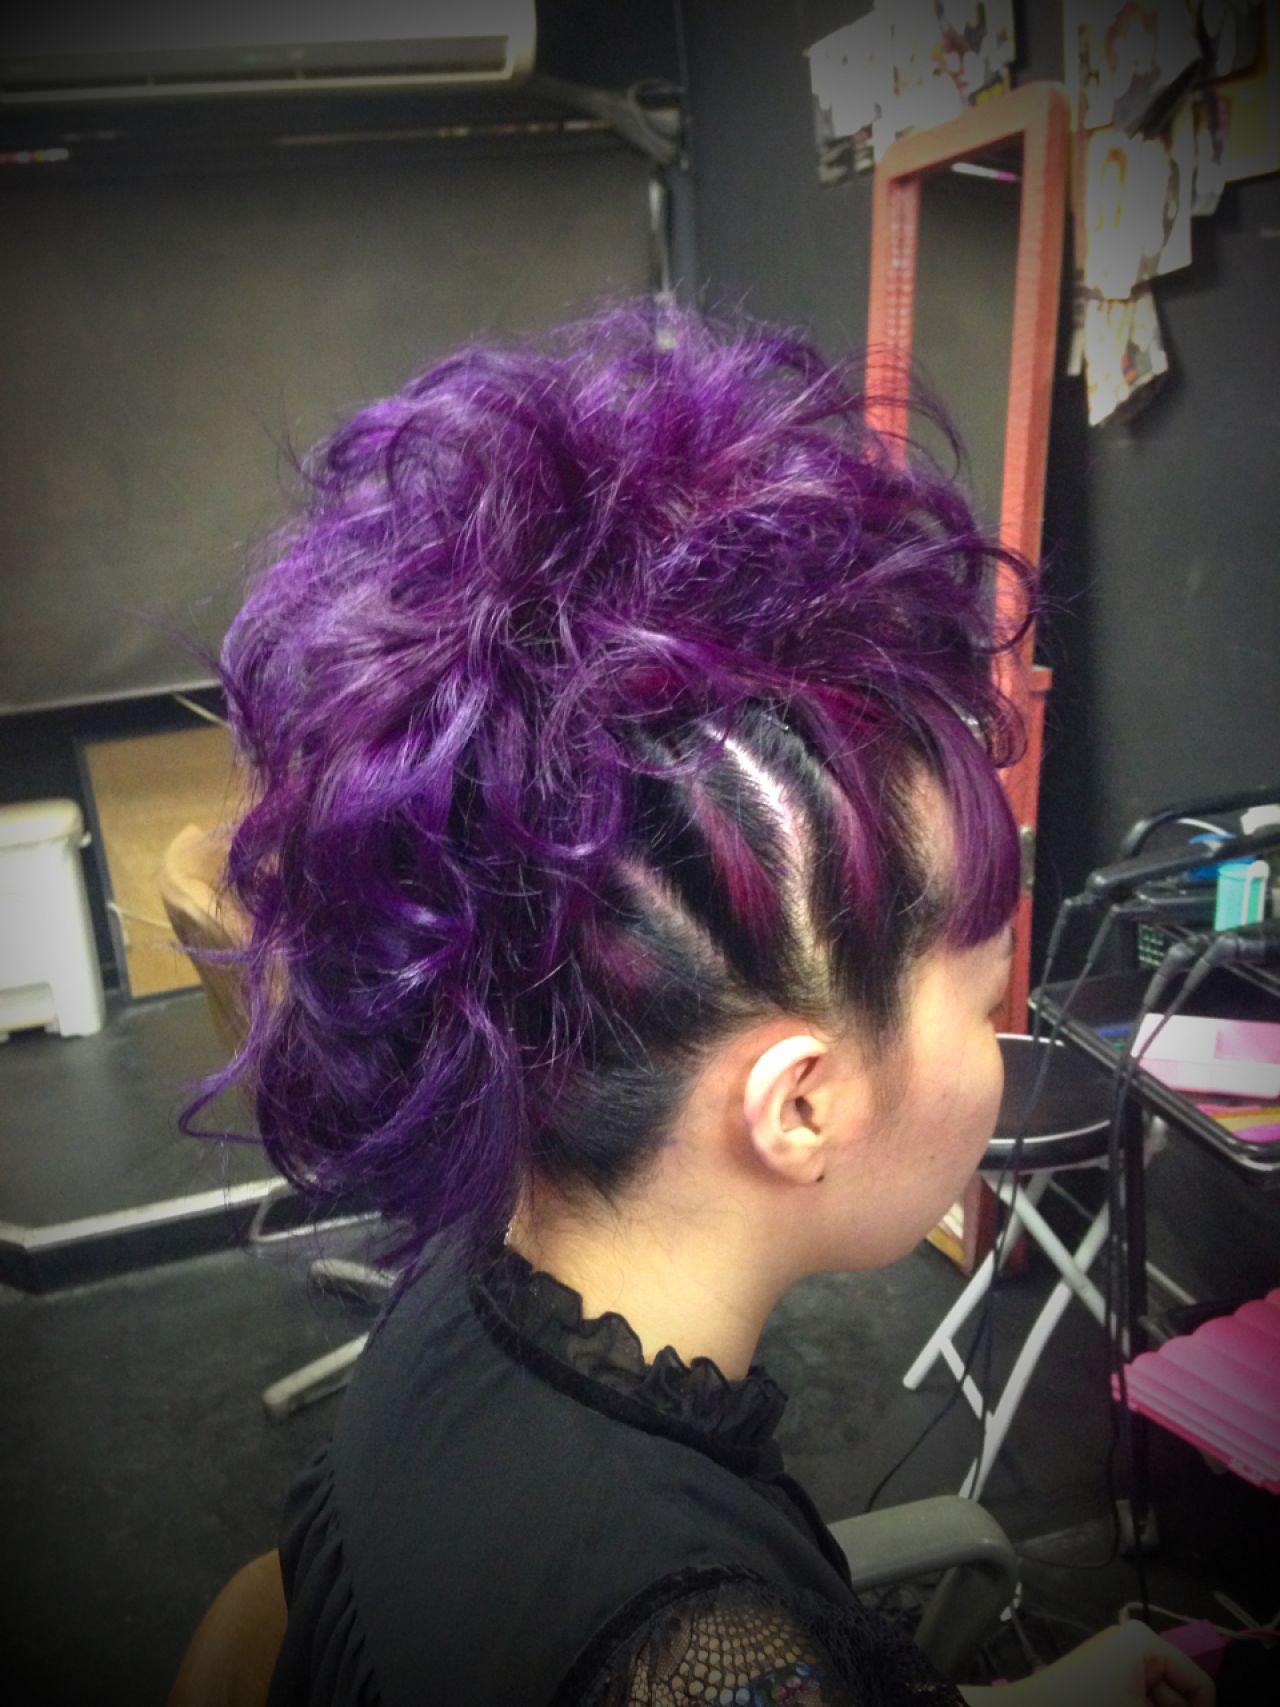 クール女子におすすめ!カッコかわいいソフトモヒカン風の髪型カタログ 行川 由希子